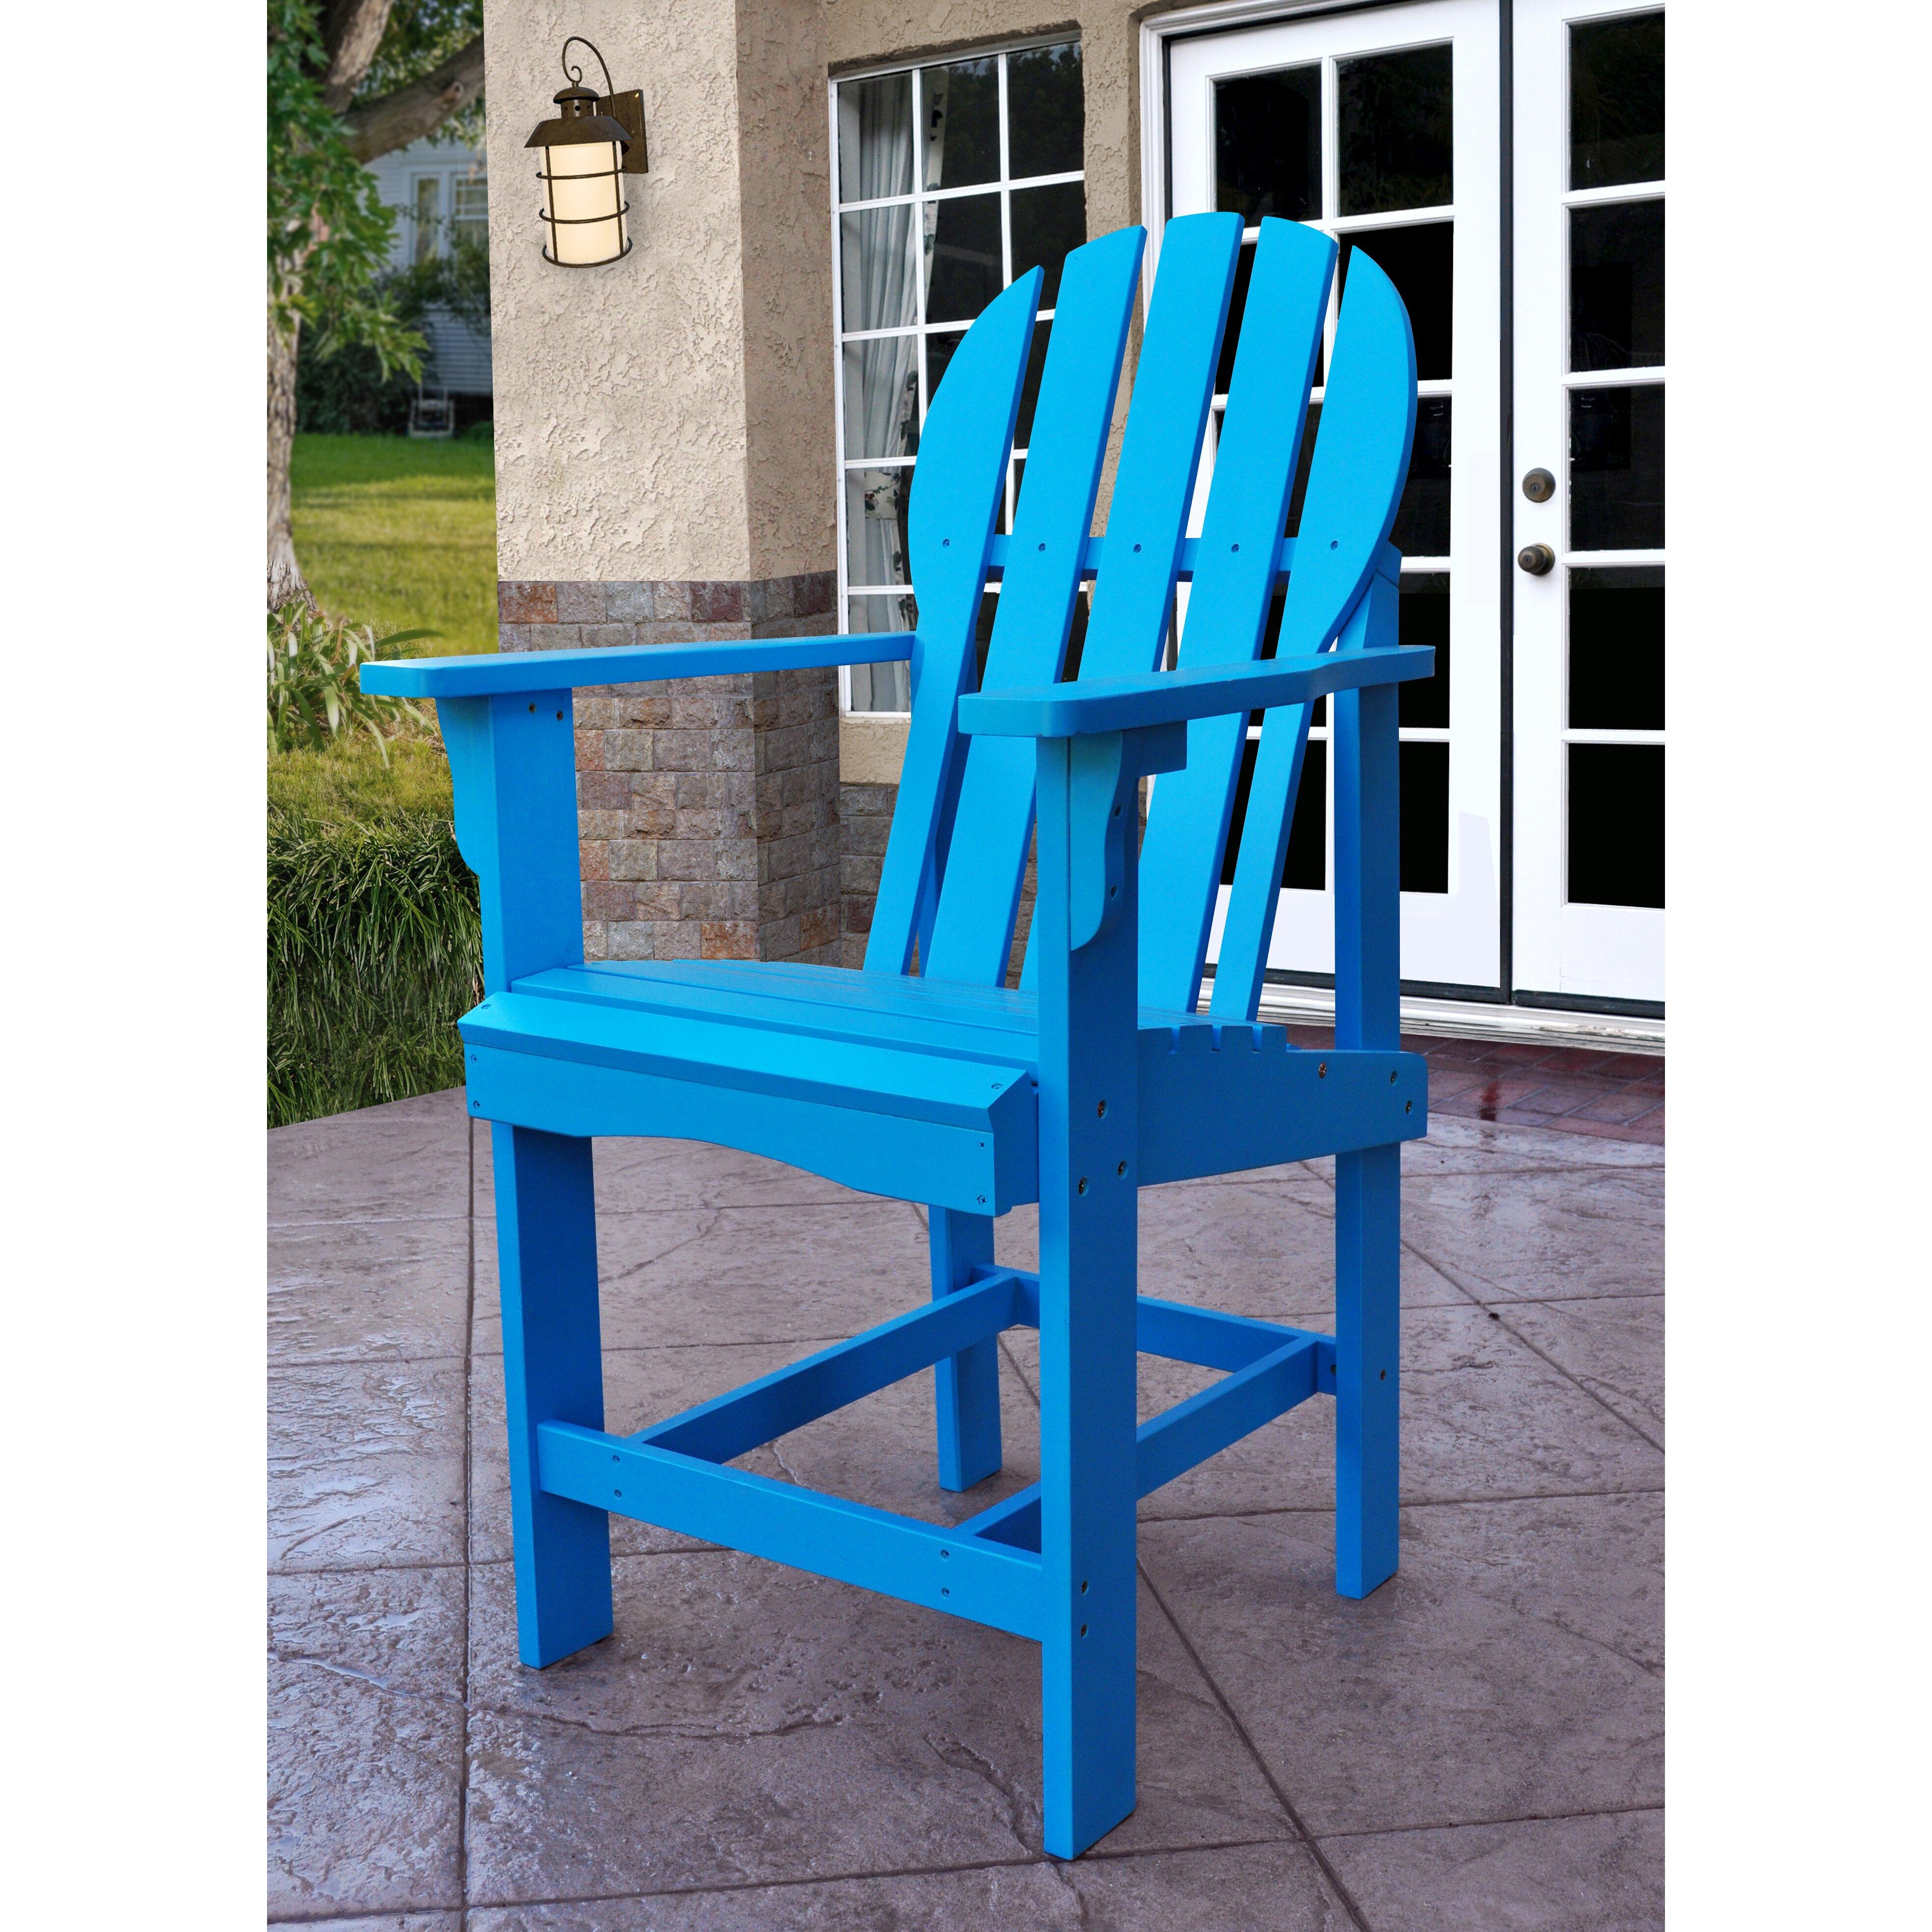 Counter Height Adirondack Chairs : ... Inc. Captiva Counter Height Adirondack Chair & Reviews Wayfair